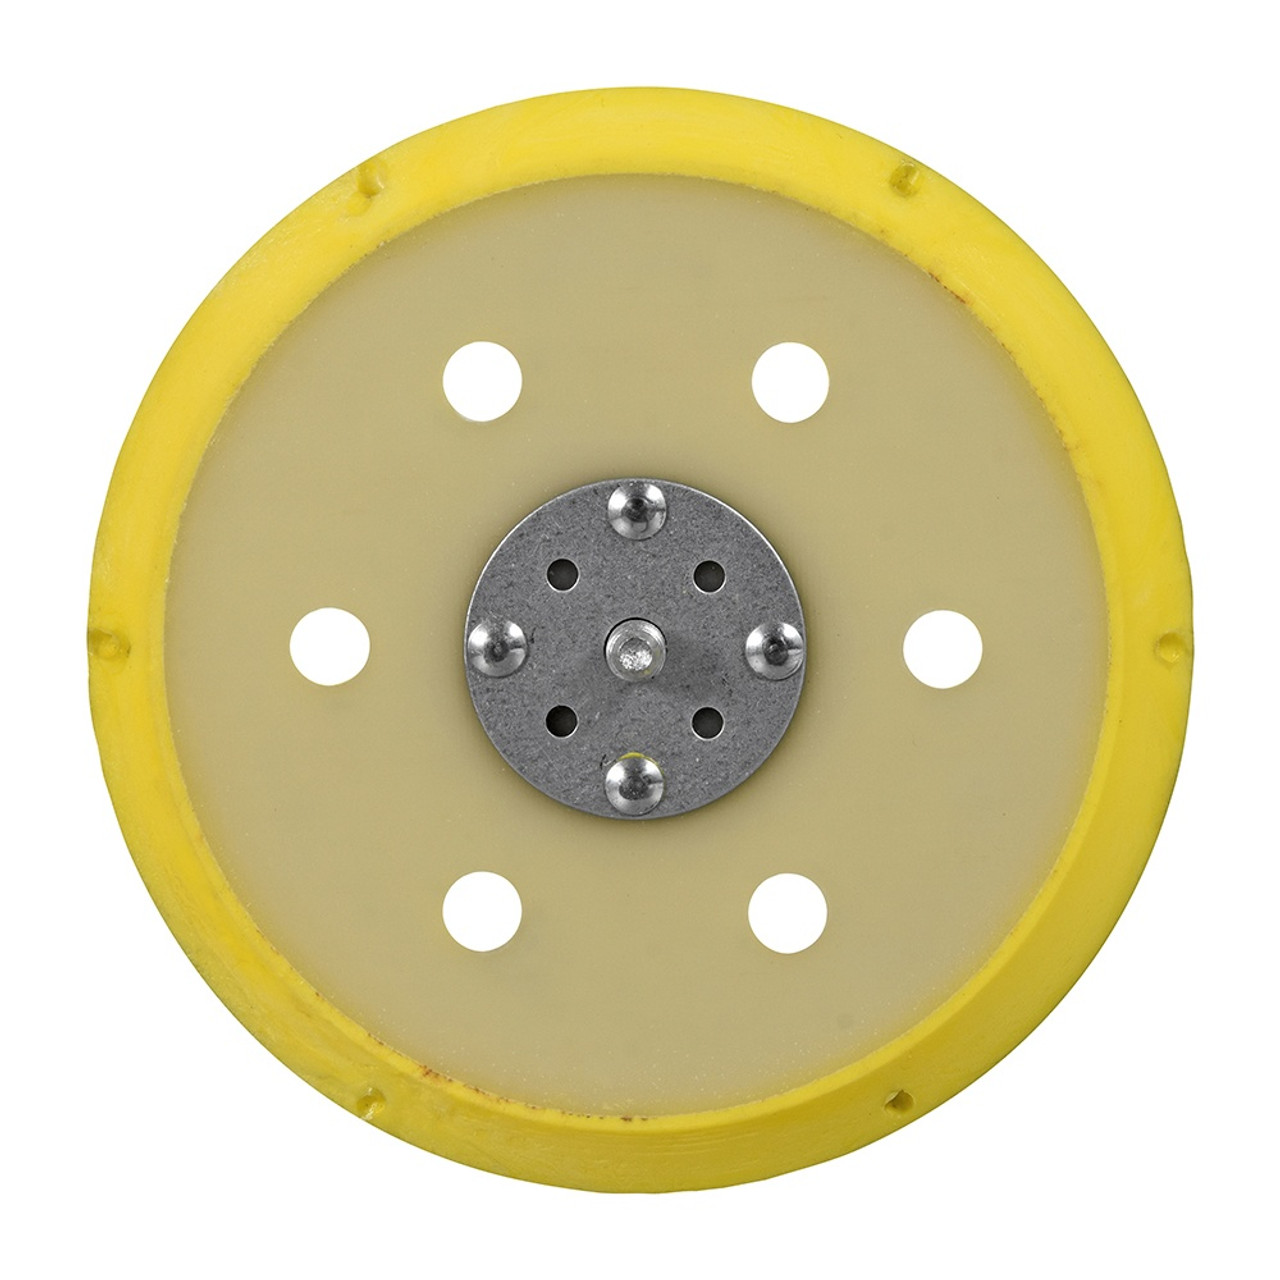 2 inch Hook And Loop Backing Pad Sanding Disc for DA Sander Polisher 1//4/'/' Shank